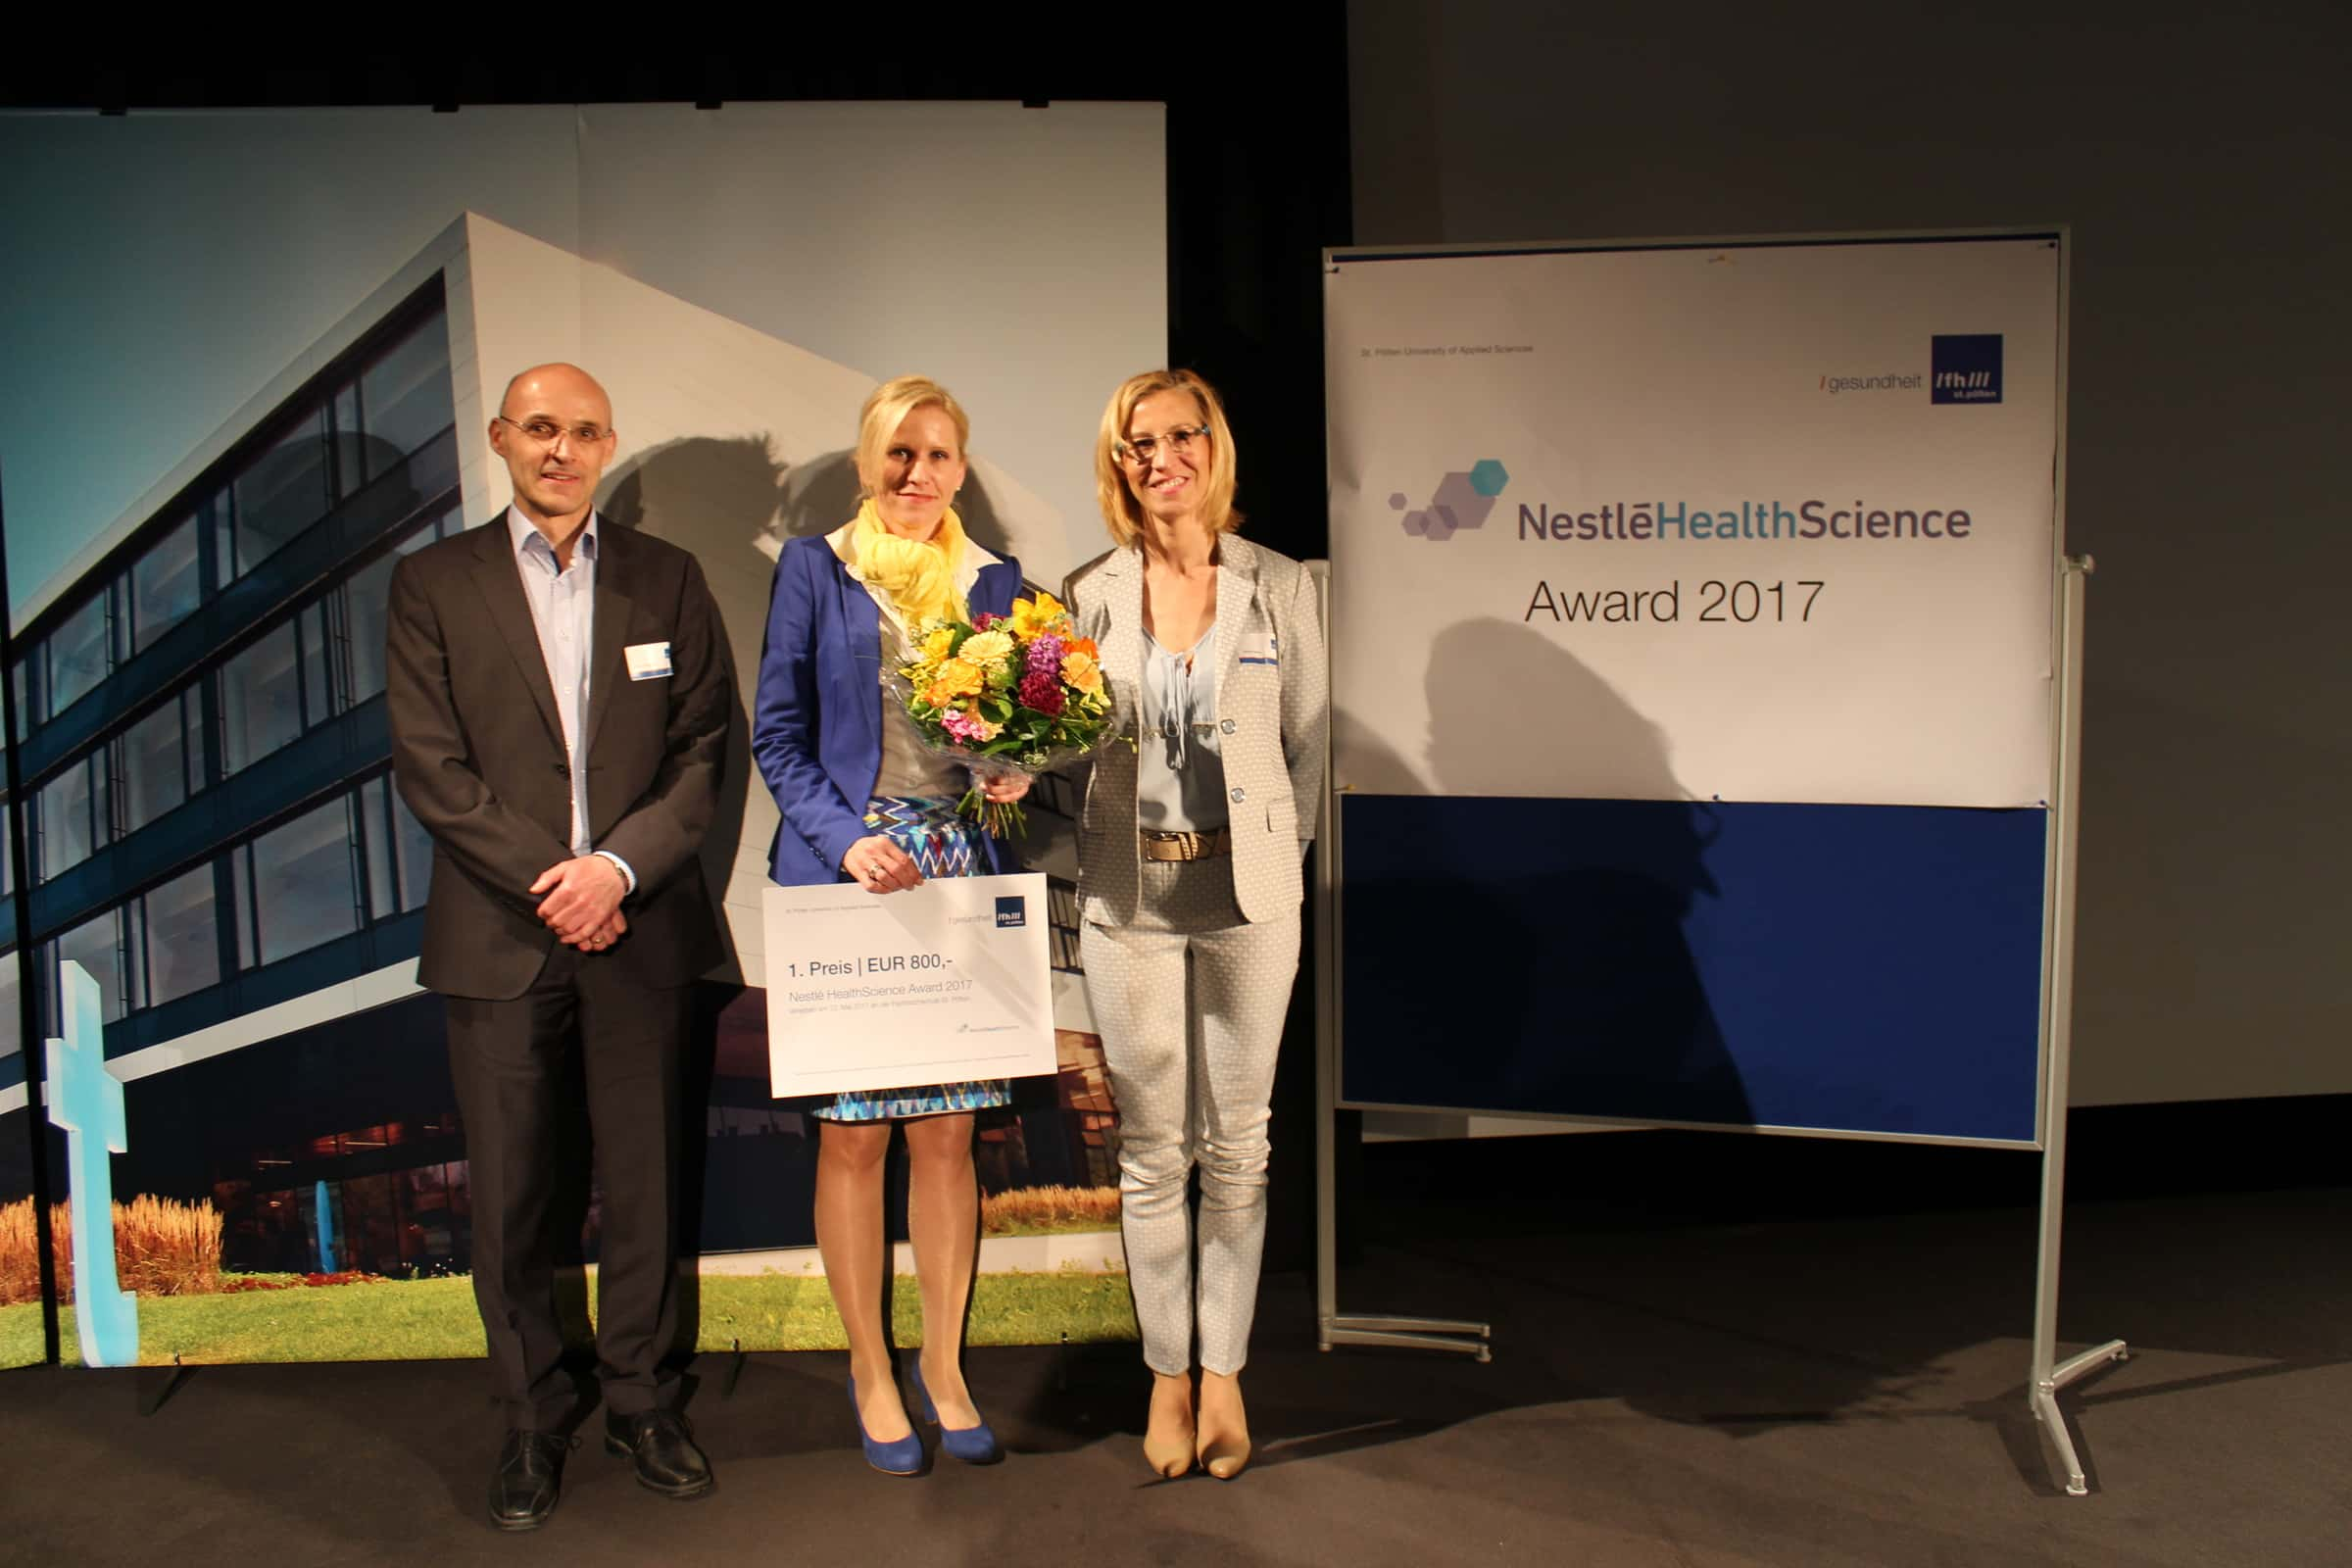 Daniela Gmeindl-Tscherner mit Blumenstrauß und Scheck.